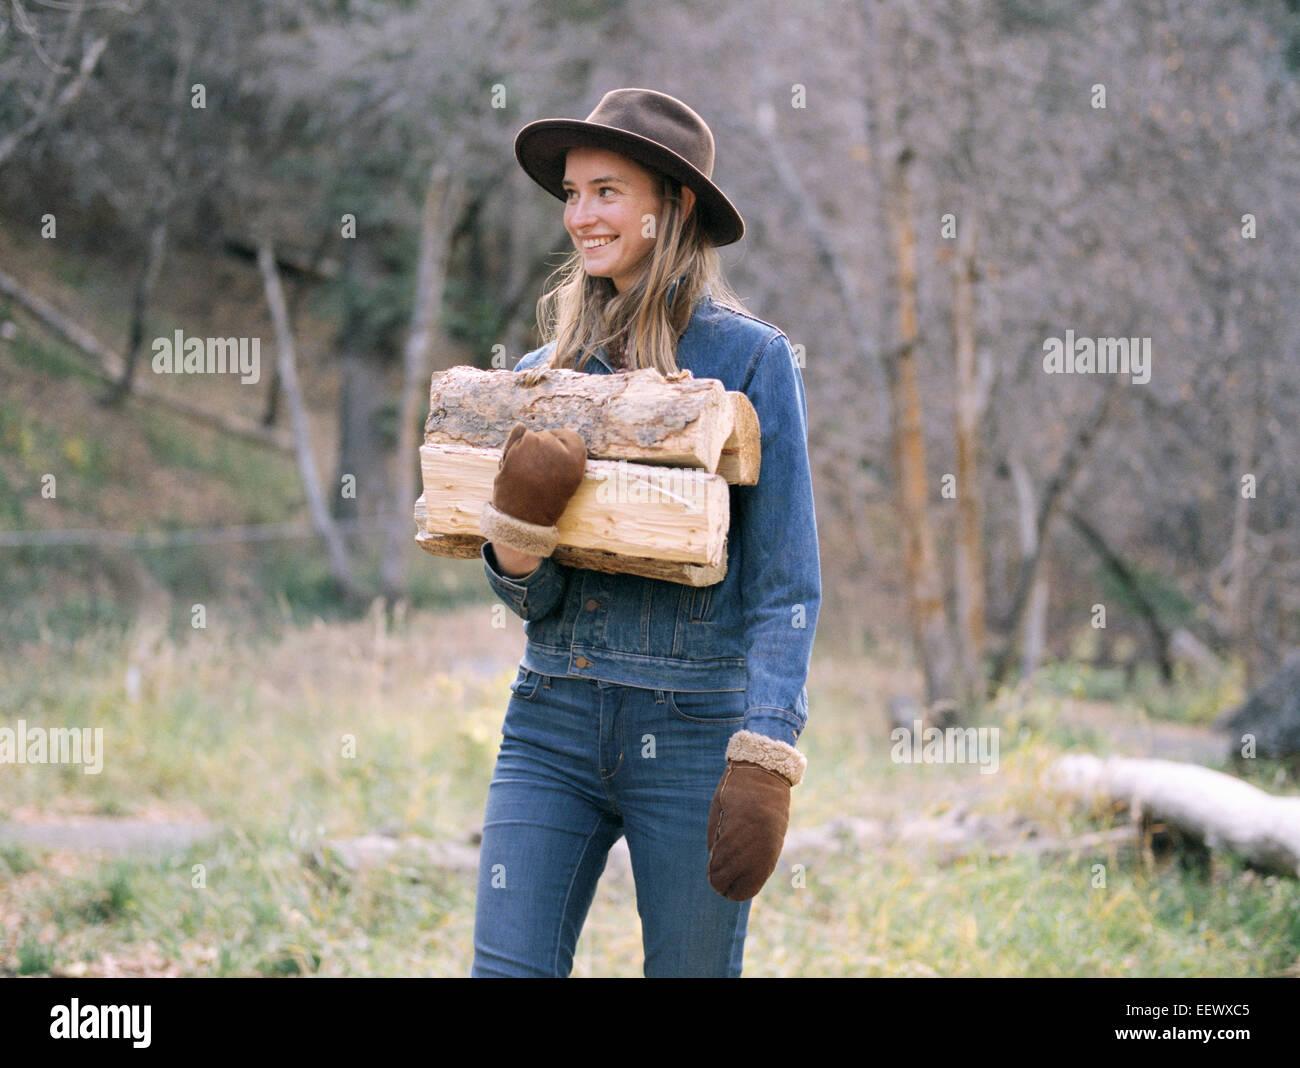 Jeune femme blonde portant un chapeau transportant du bois de chauffage. Photo Stock